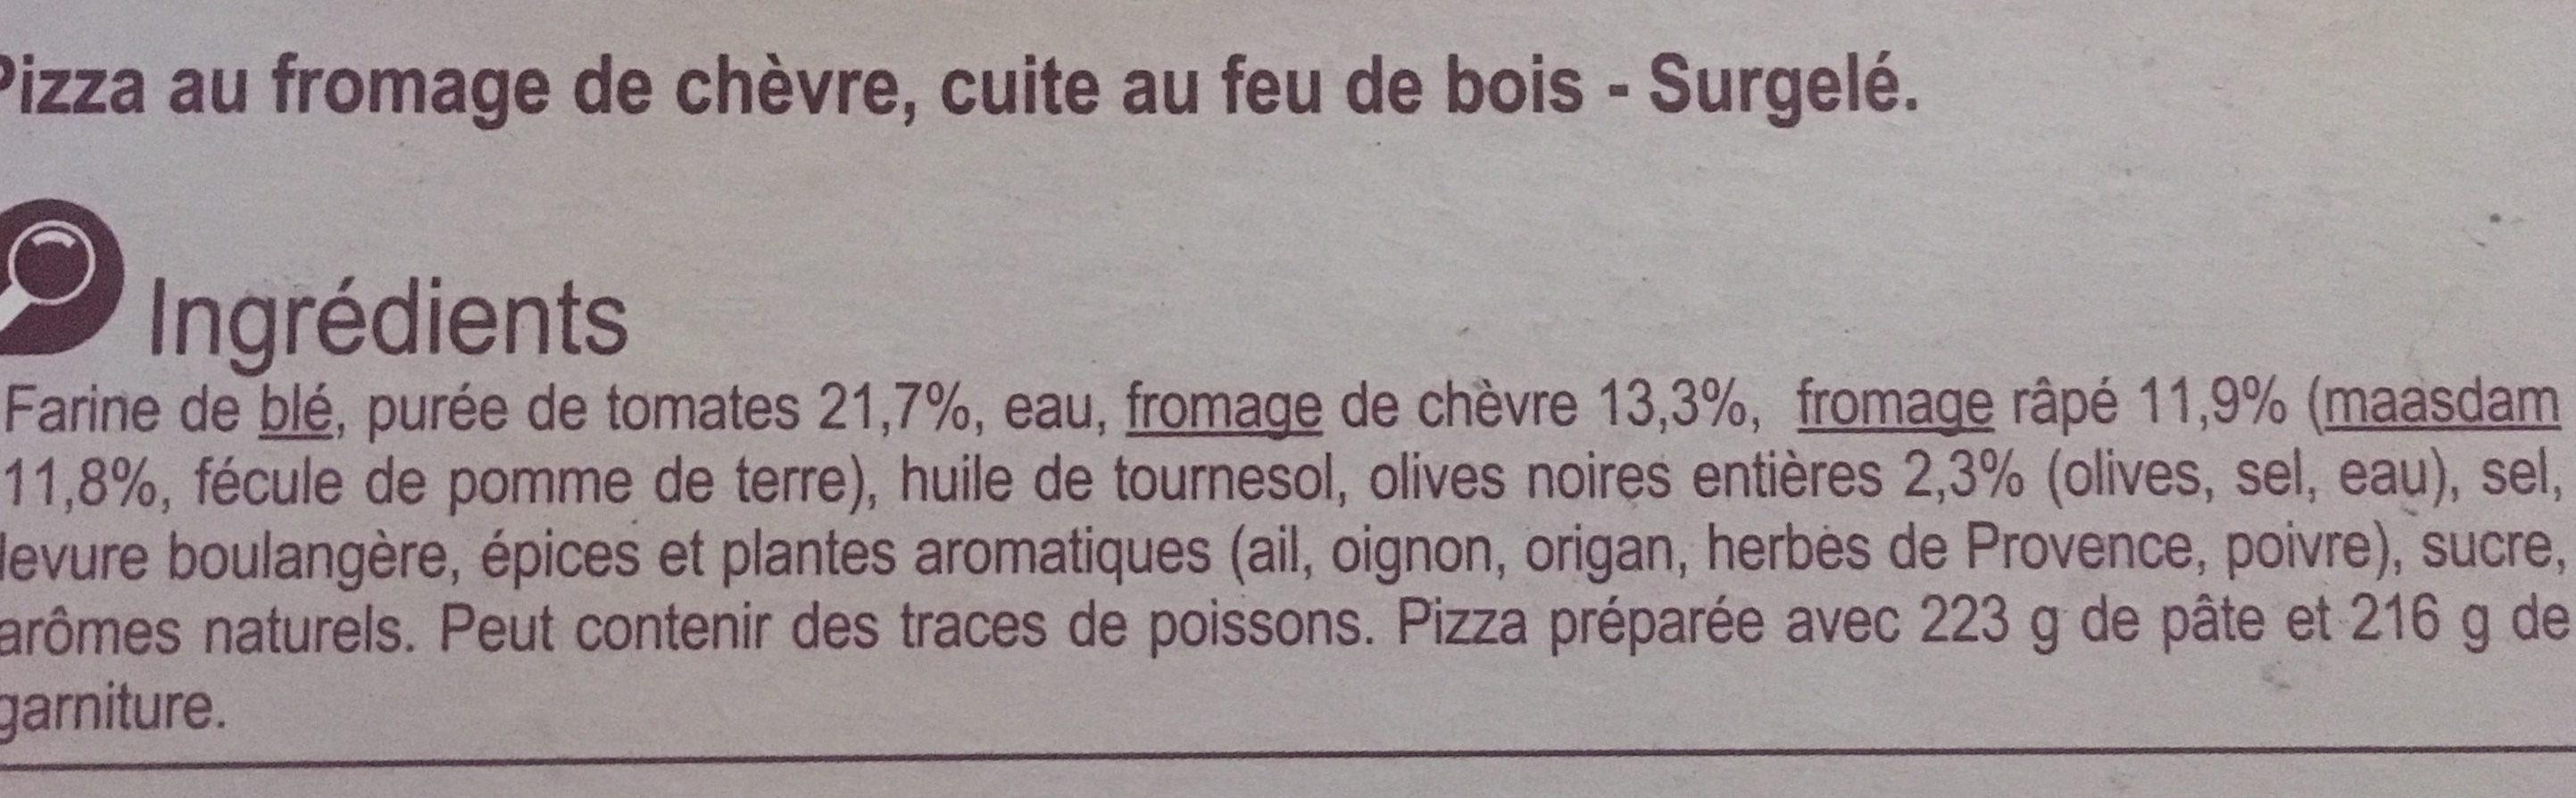 Pizza au chevre cuite au feu de bois - Ingredients - fr